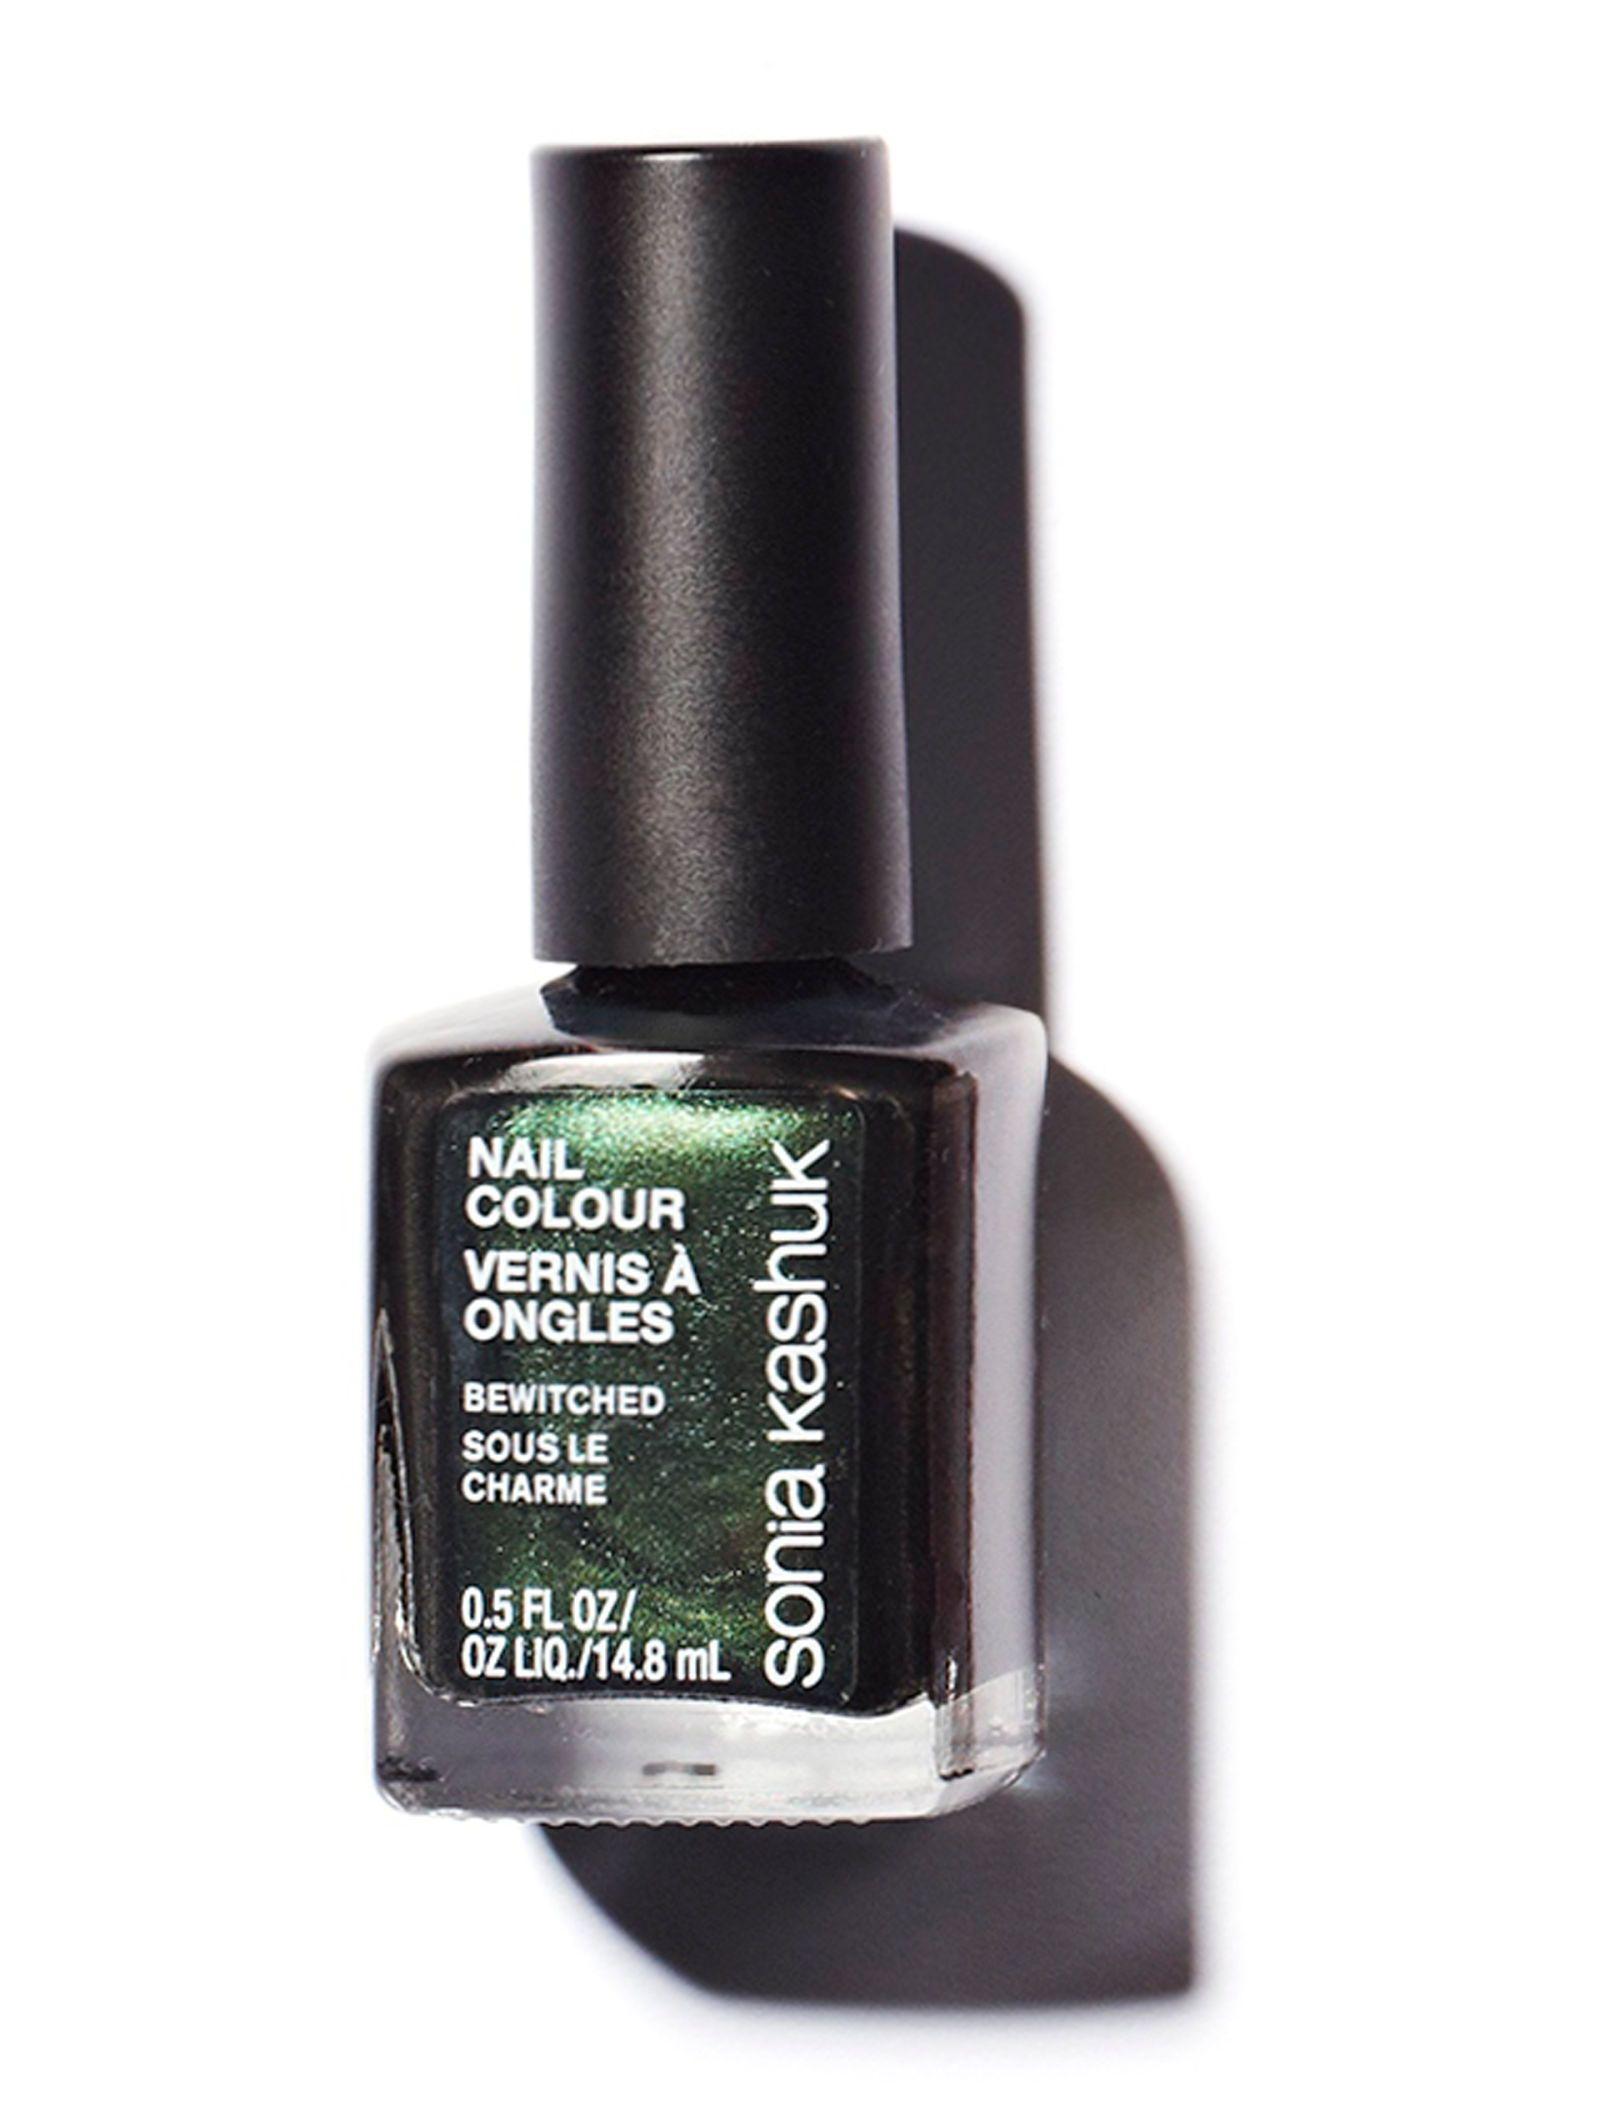 Sparkly Nail Polish - Glitter Nails